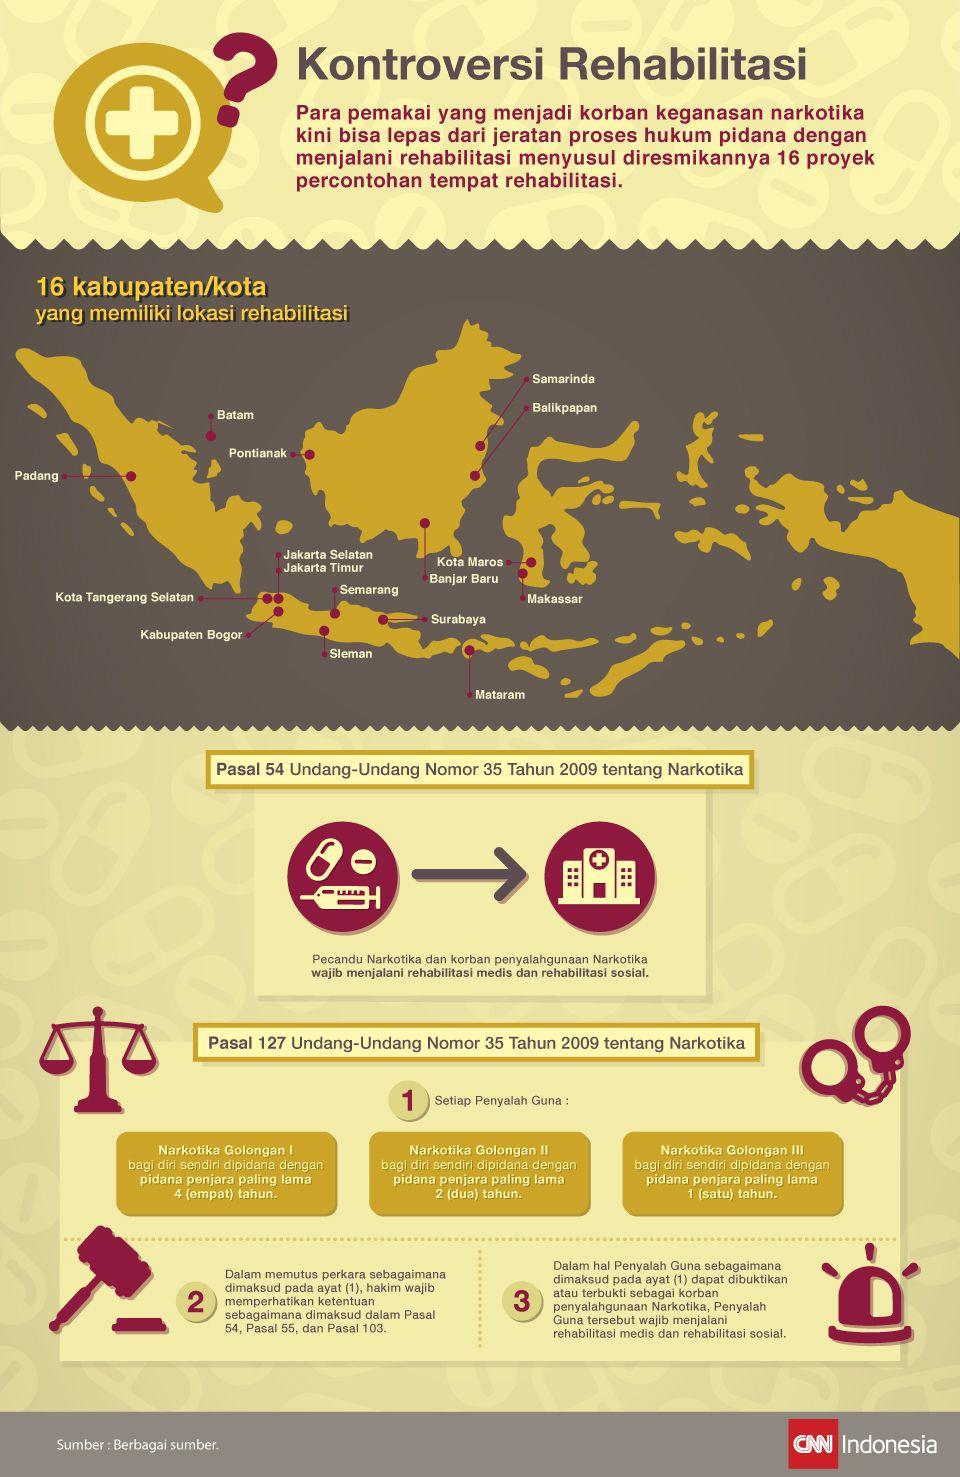 Infografis yang menjelaskan seputar kontroversi dimana para pemakai narkotika kini bisa lepas dari jeratan proses hukum pidana dengan menjalani rehabilitasi.